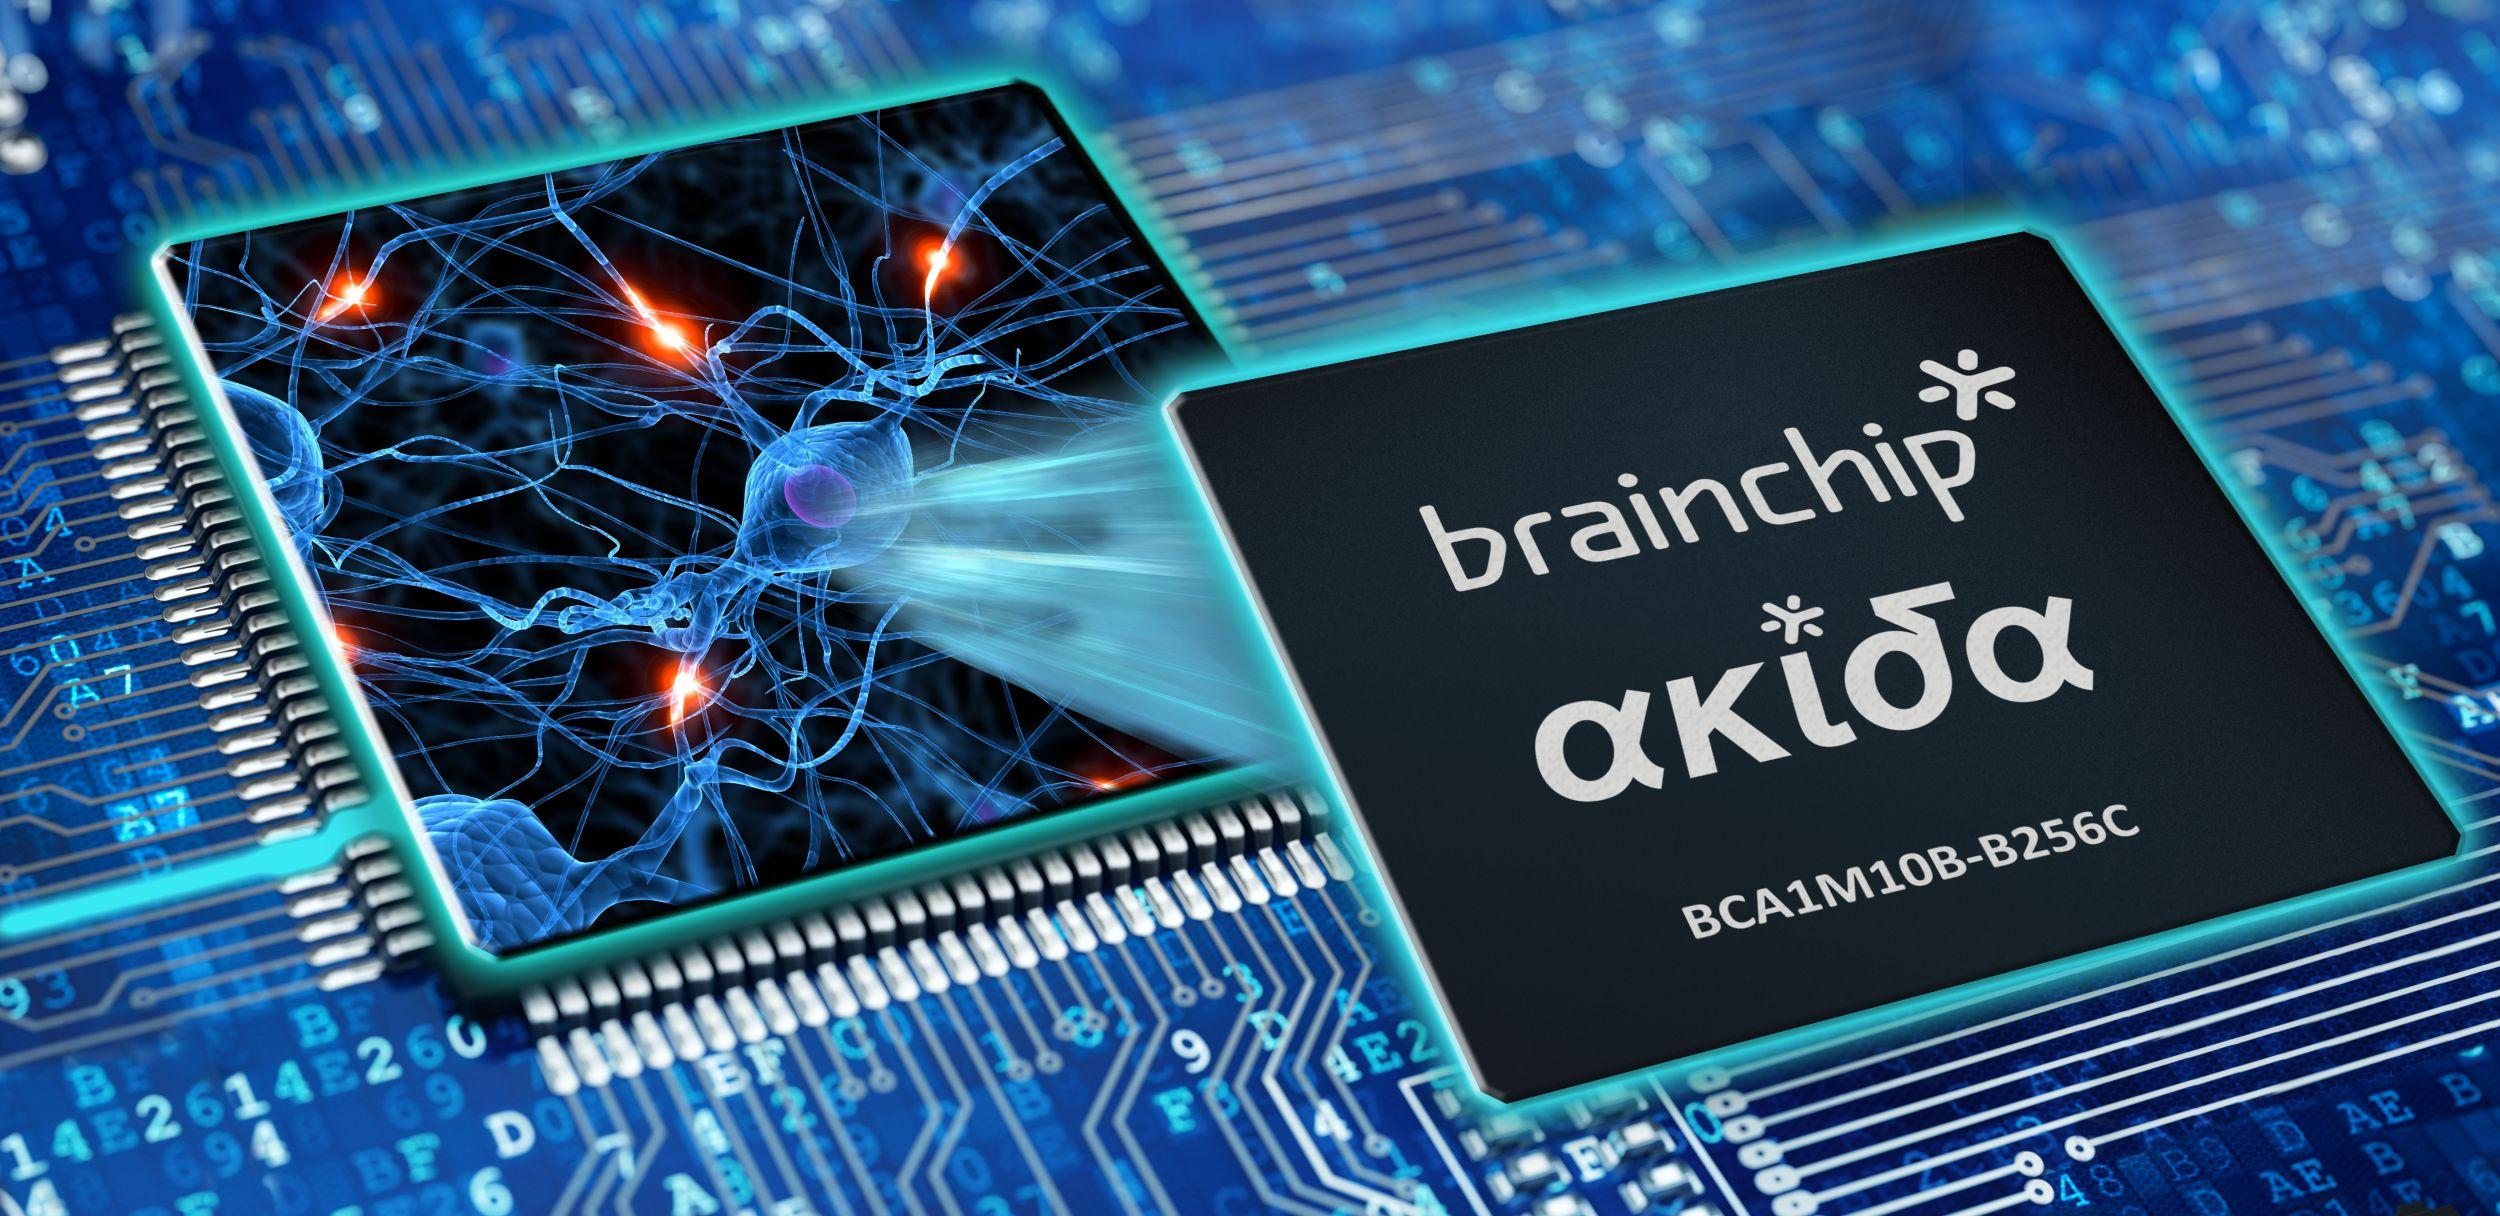 Jeder Akida NSoC weist 1,2Mio. Neuronen und 10Mrd. Synapsen auf, was eine 100-mal bessere Effizienz mit sich bringt, als bei neuromorphen Testchips von Intel und IBM. Der NSoC wurde für den Einsatz als eigenständiger Embedded-Beschleuniger oder Co-Prozessor entwickelt. (Bild: BrainChip Holdings Ltd.)